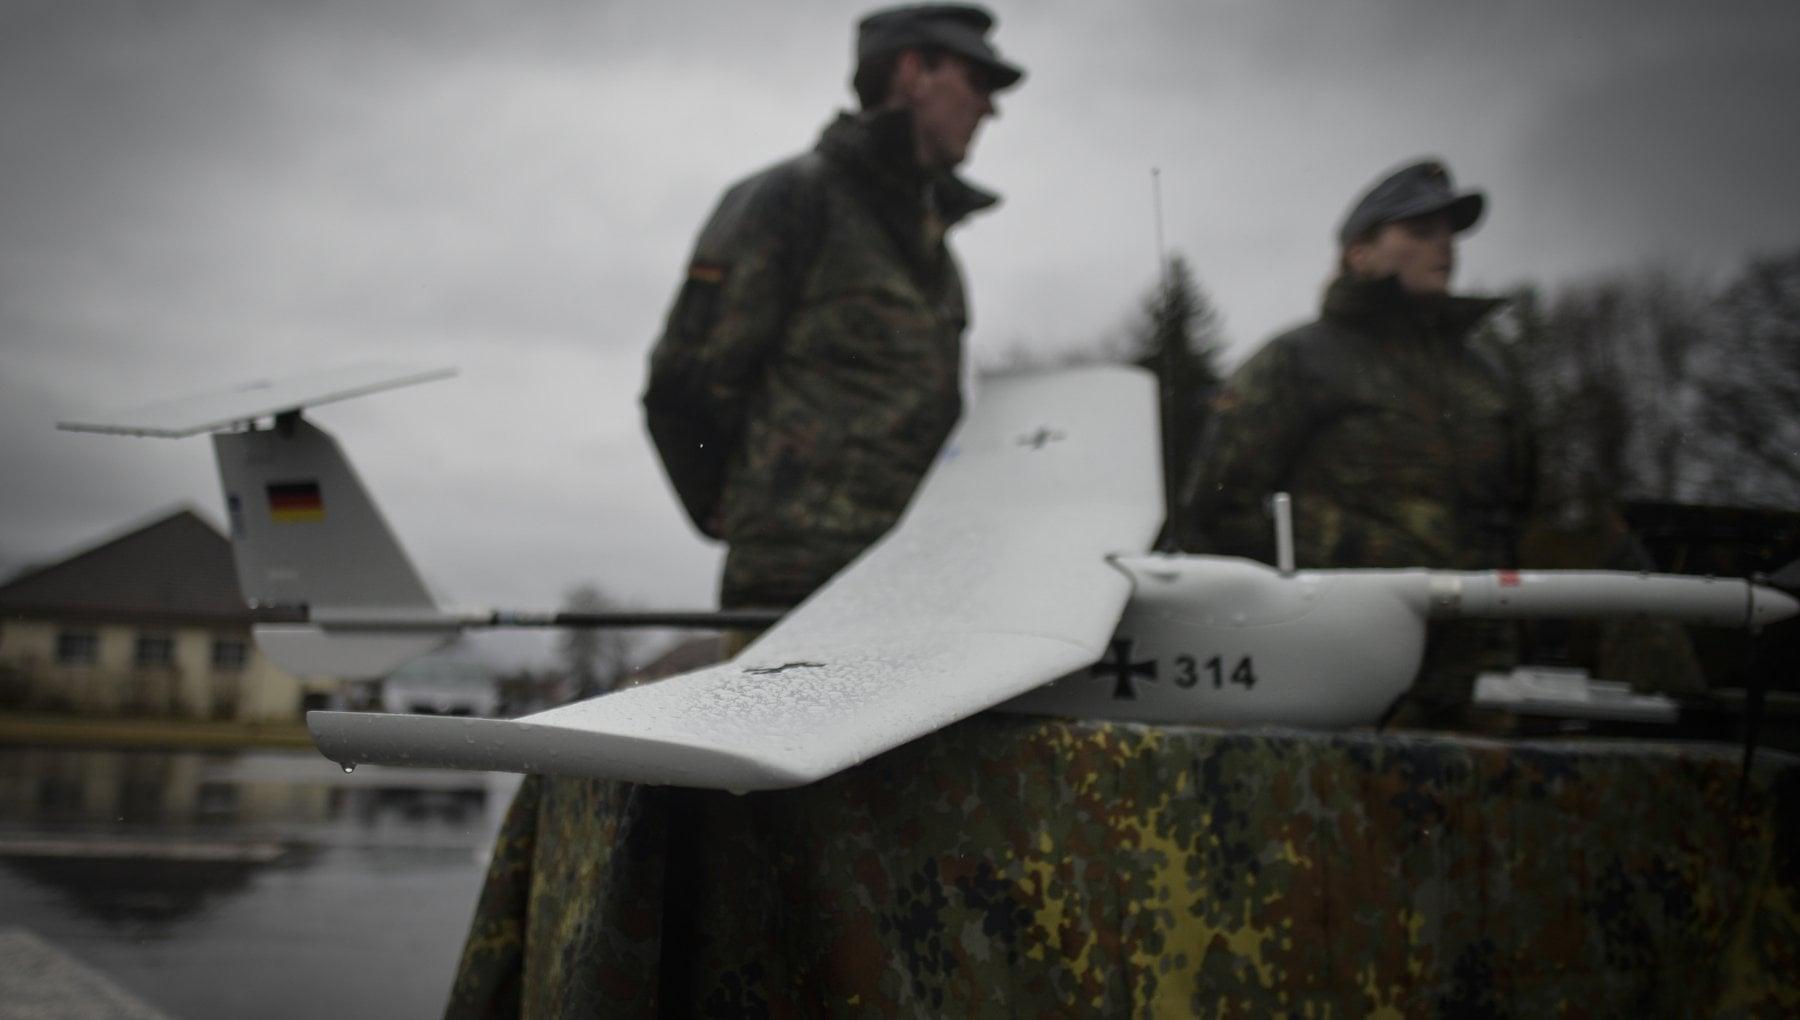 142102149 117cdfe8 d55d 40f9 a57a 134675610e34 - Si può uccidere con i droni? Il dibattito spacca la Germania